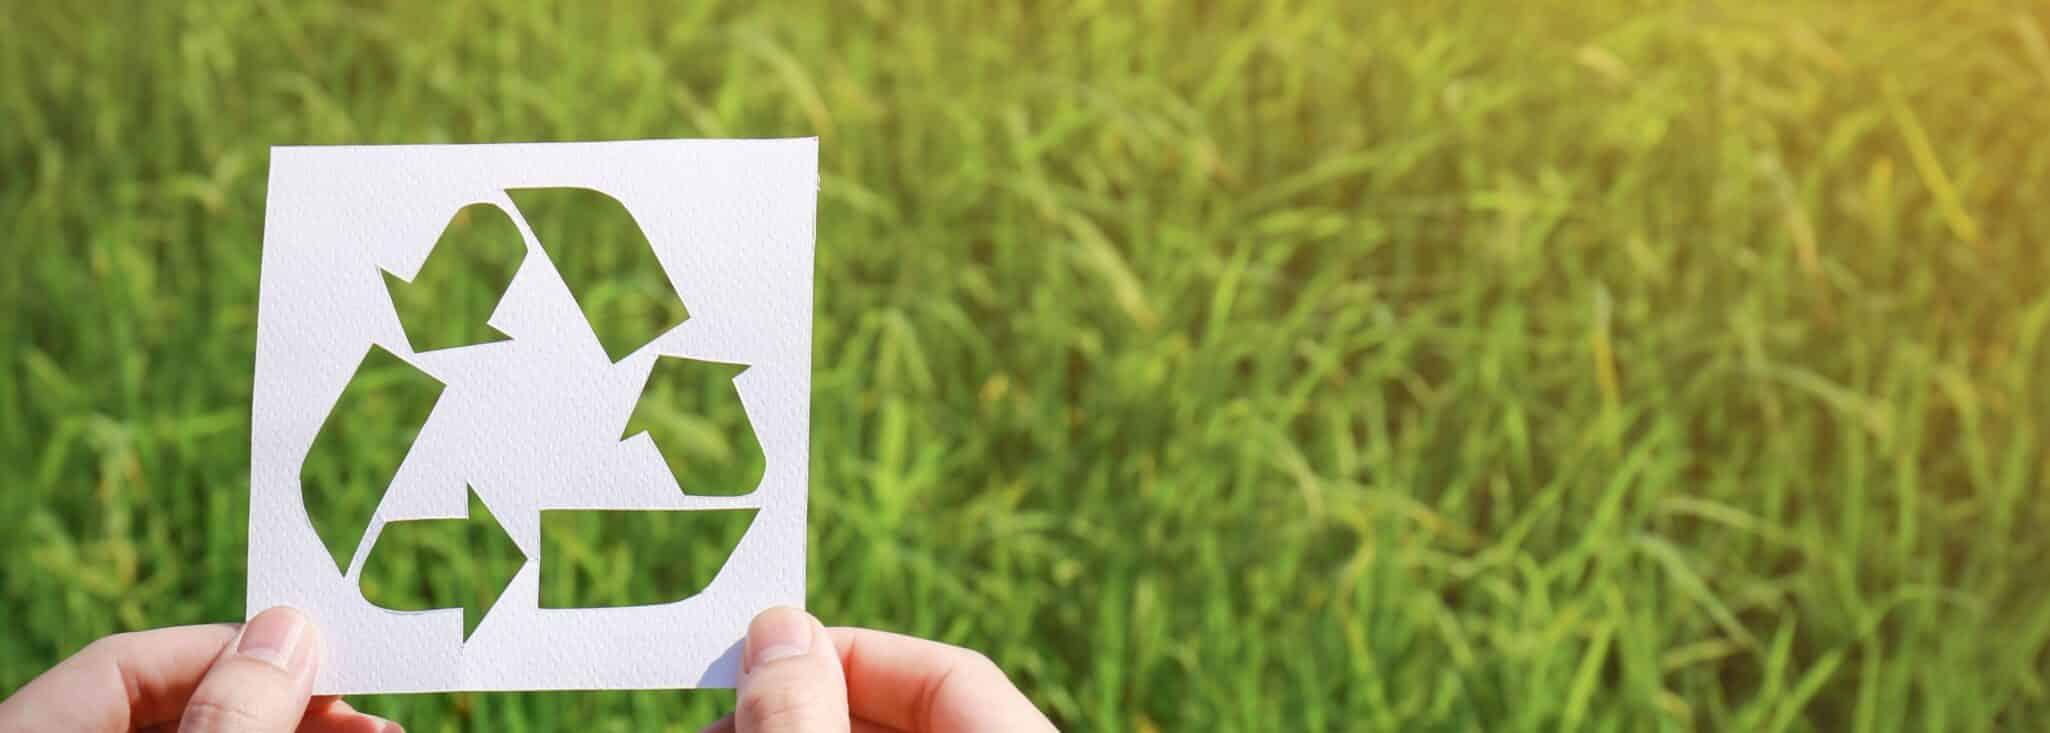 Recycler cartouches d'encre